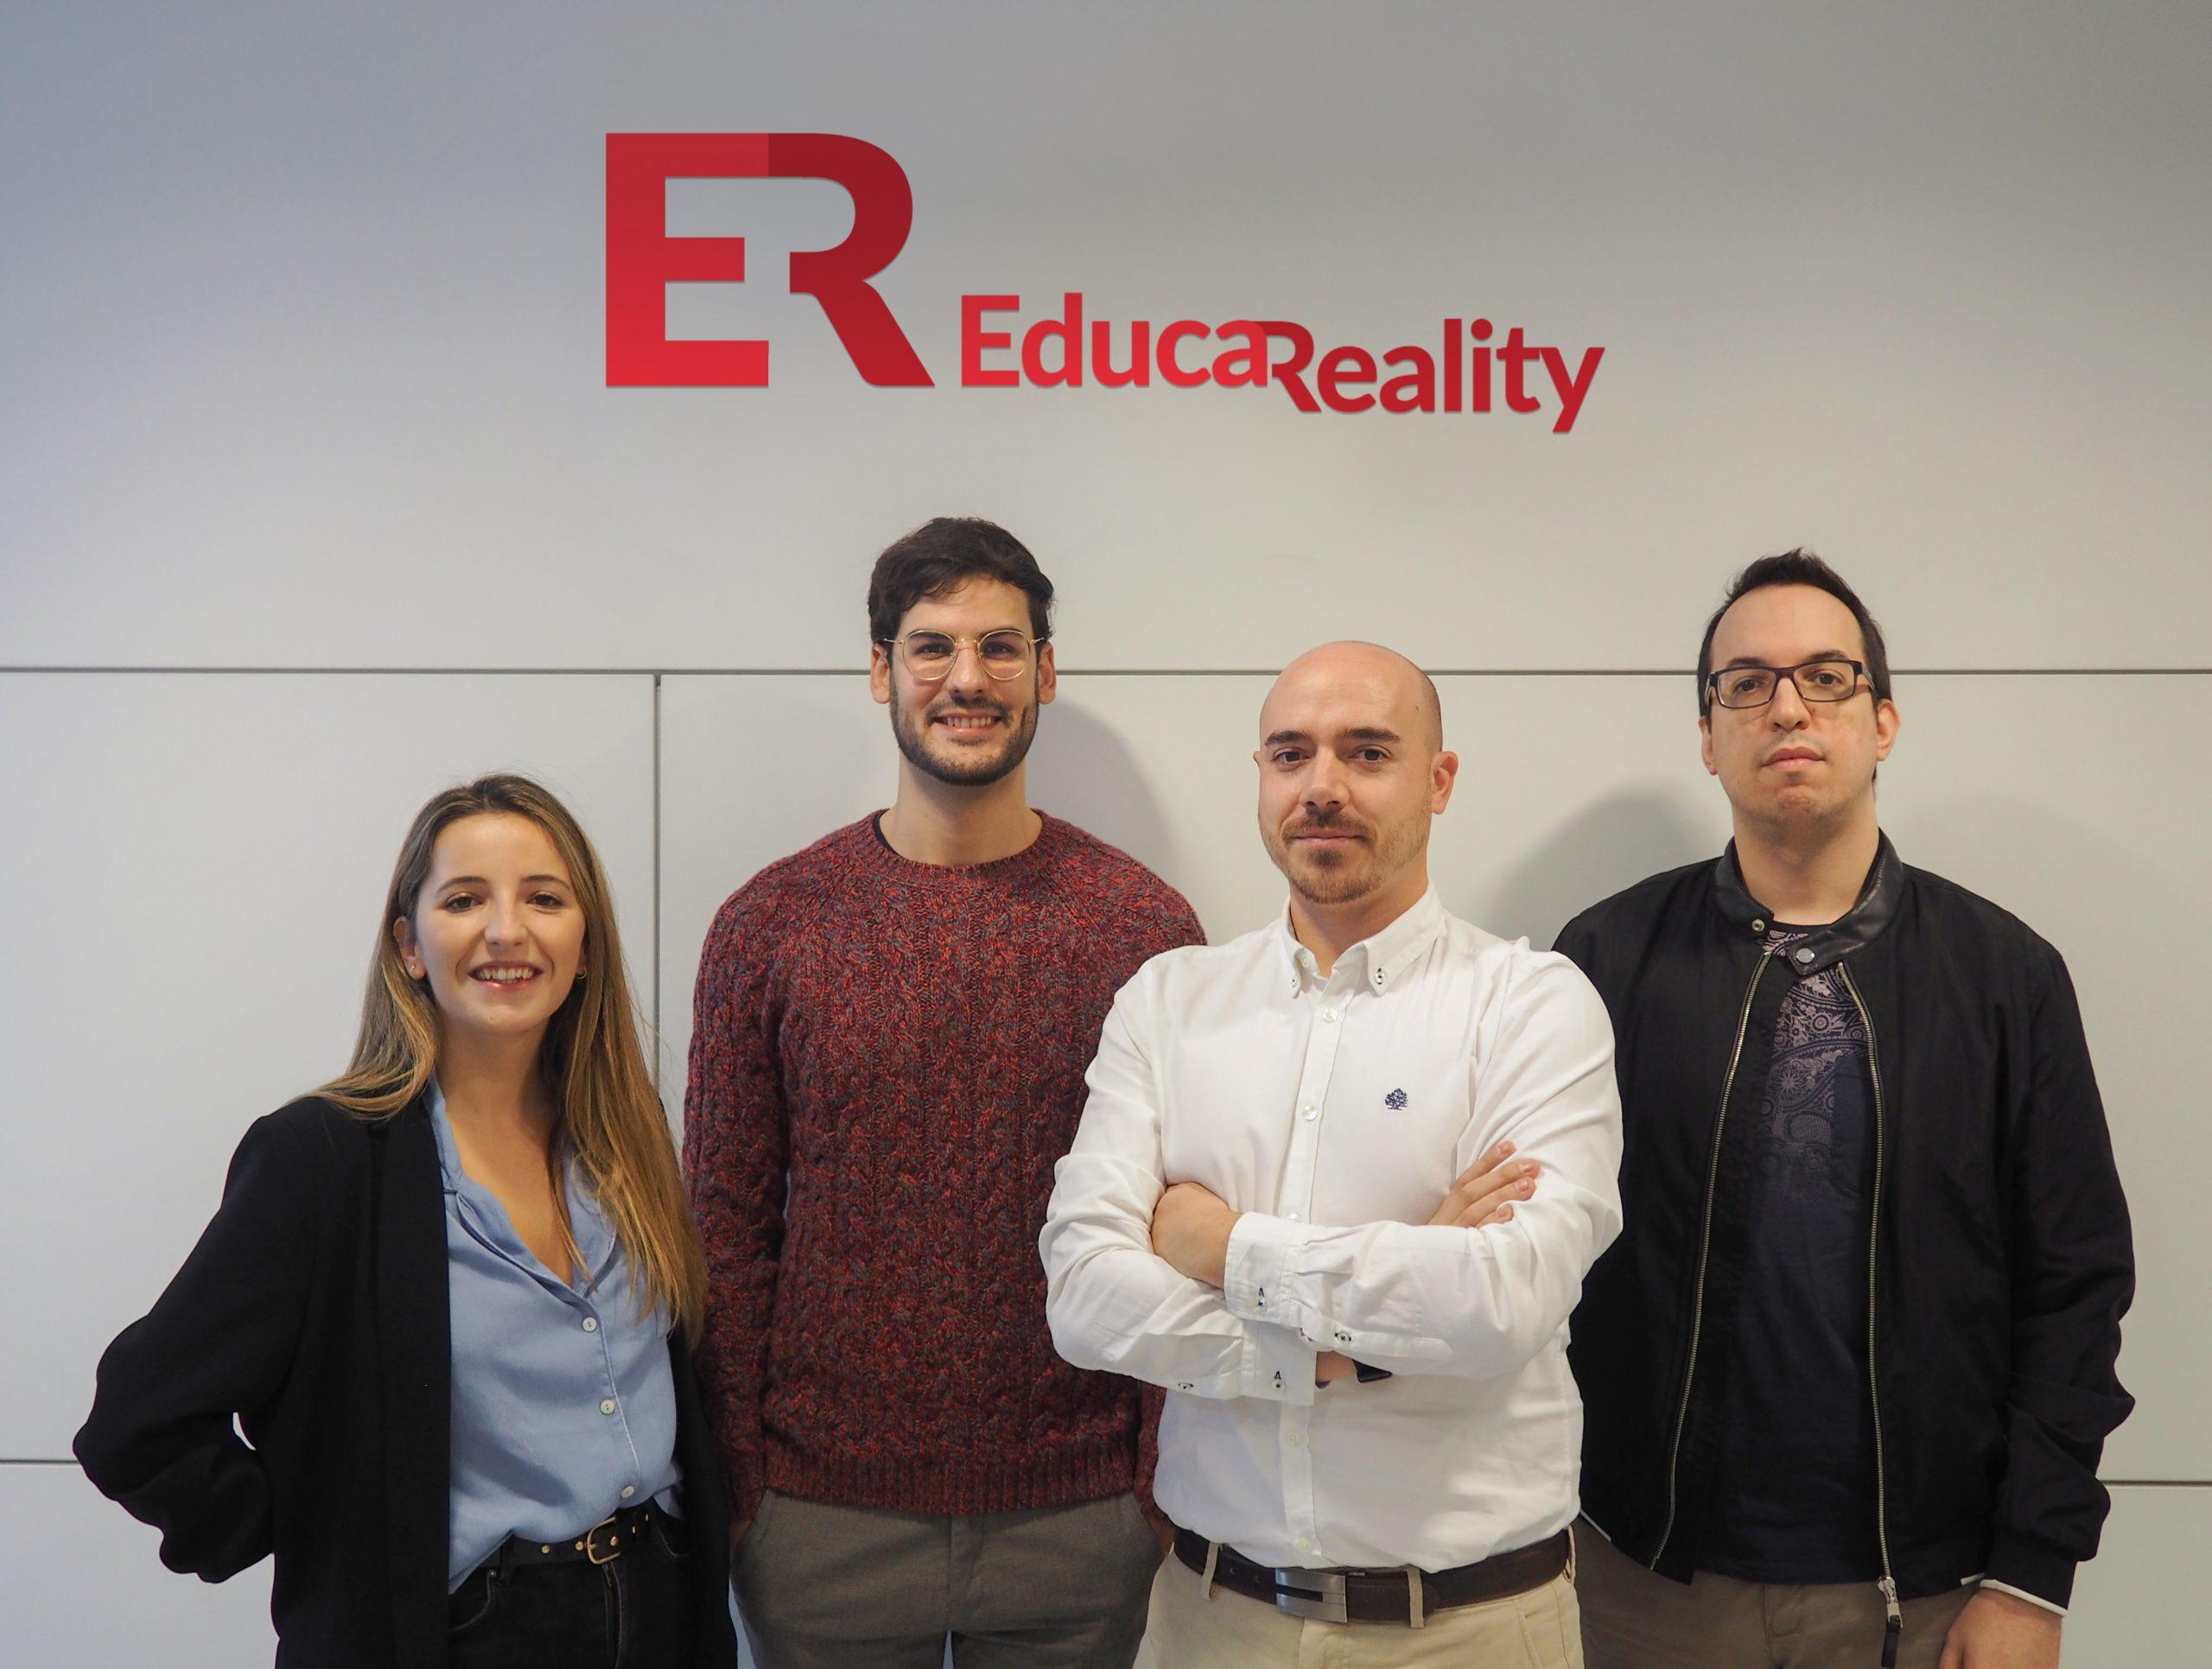 Educareality es una empresa tecnológica especializada en el desarrollo de productos y servicios educativos basados en la Realidad Aumentada y Realidad Virtual.